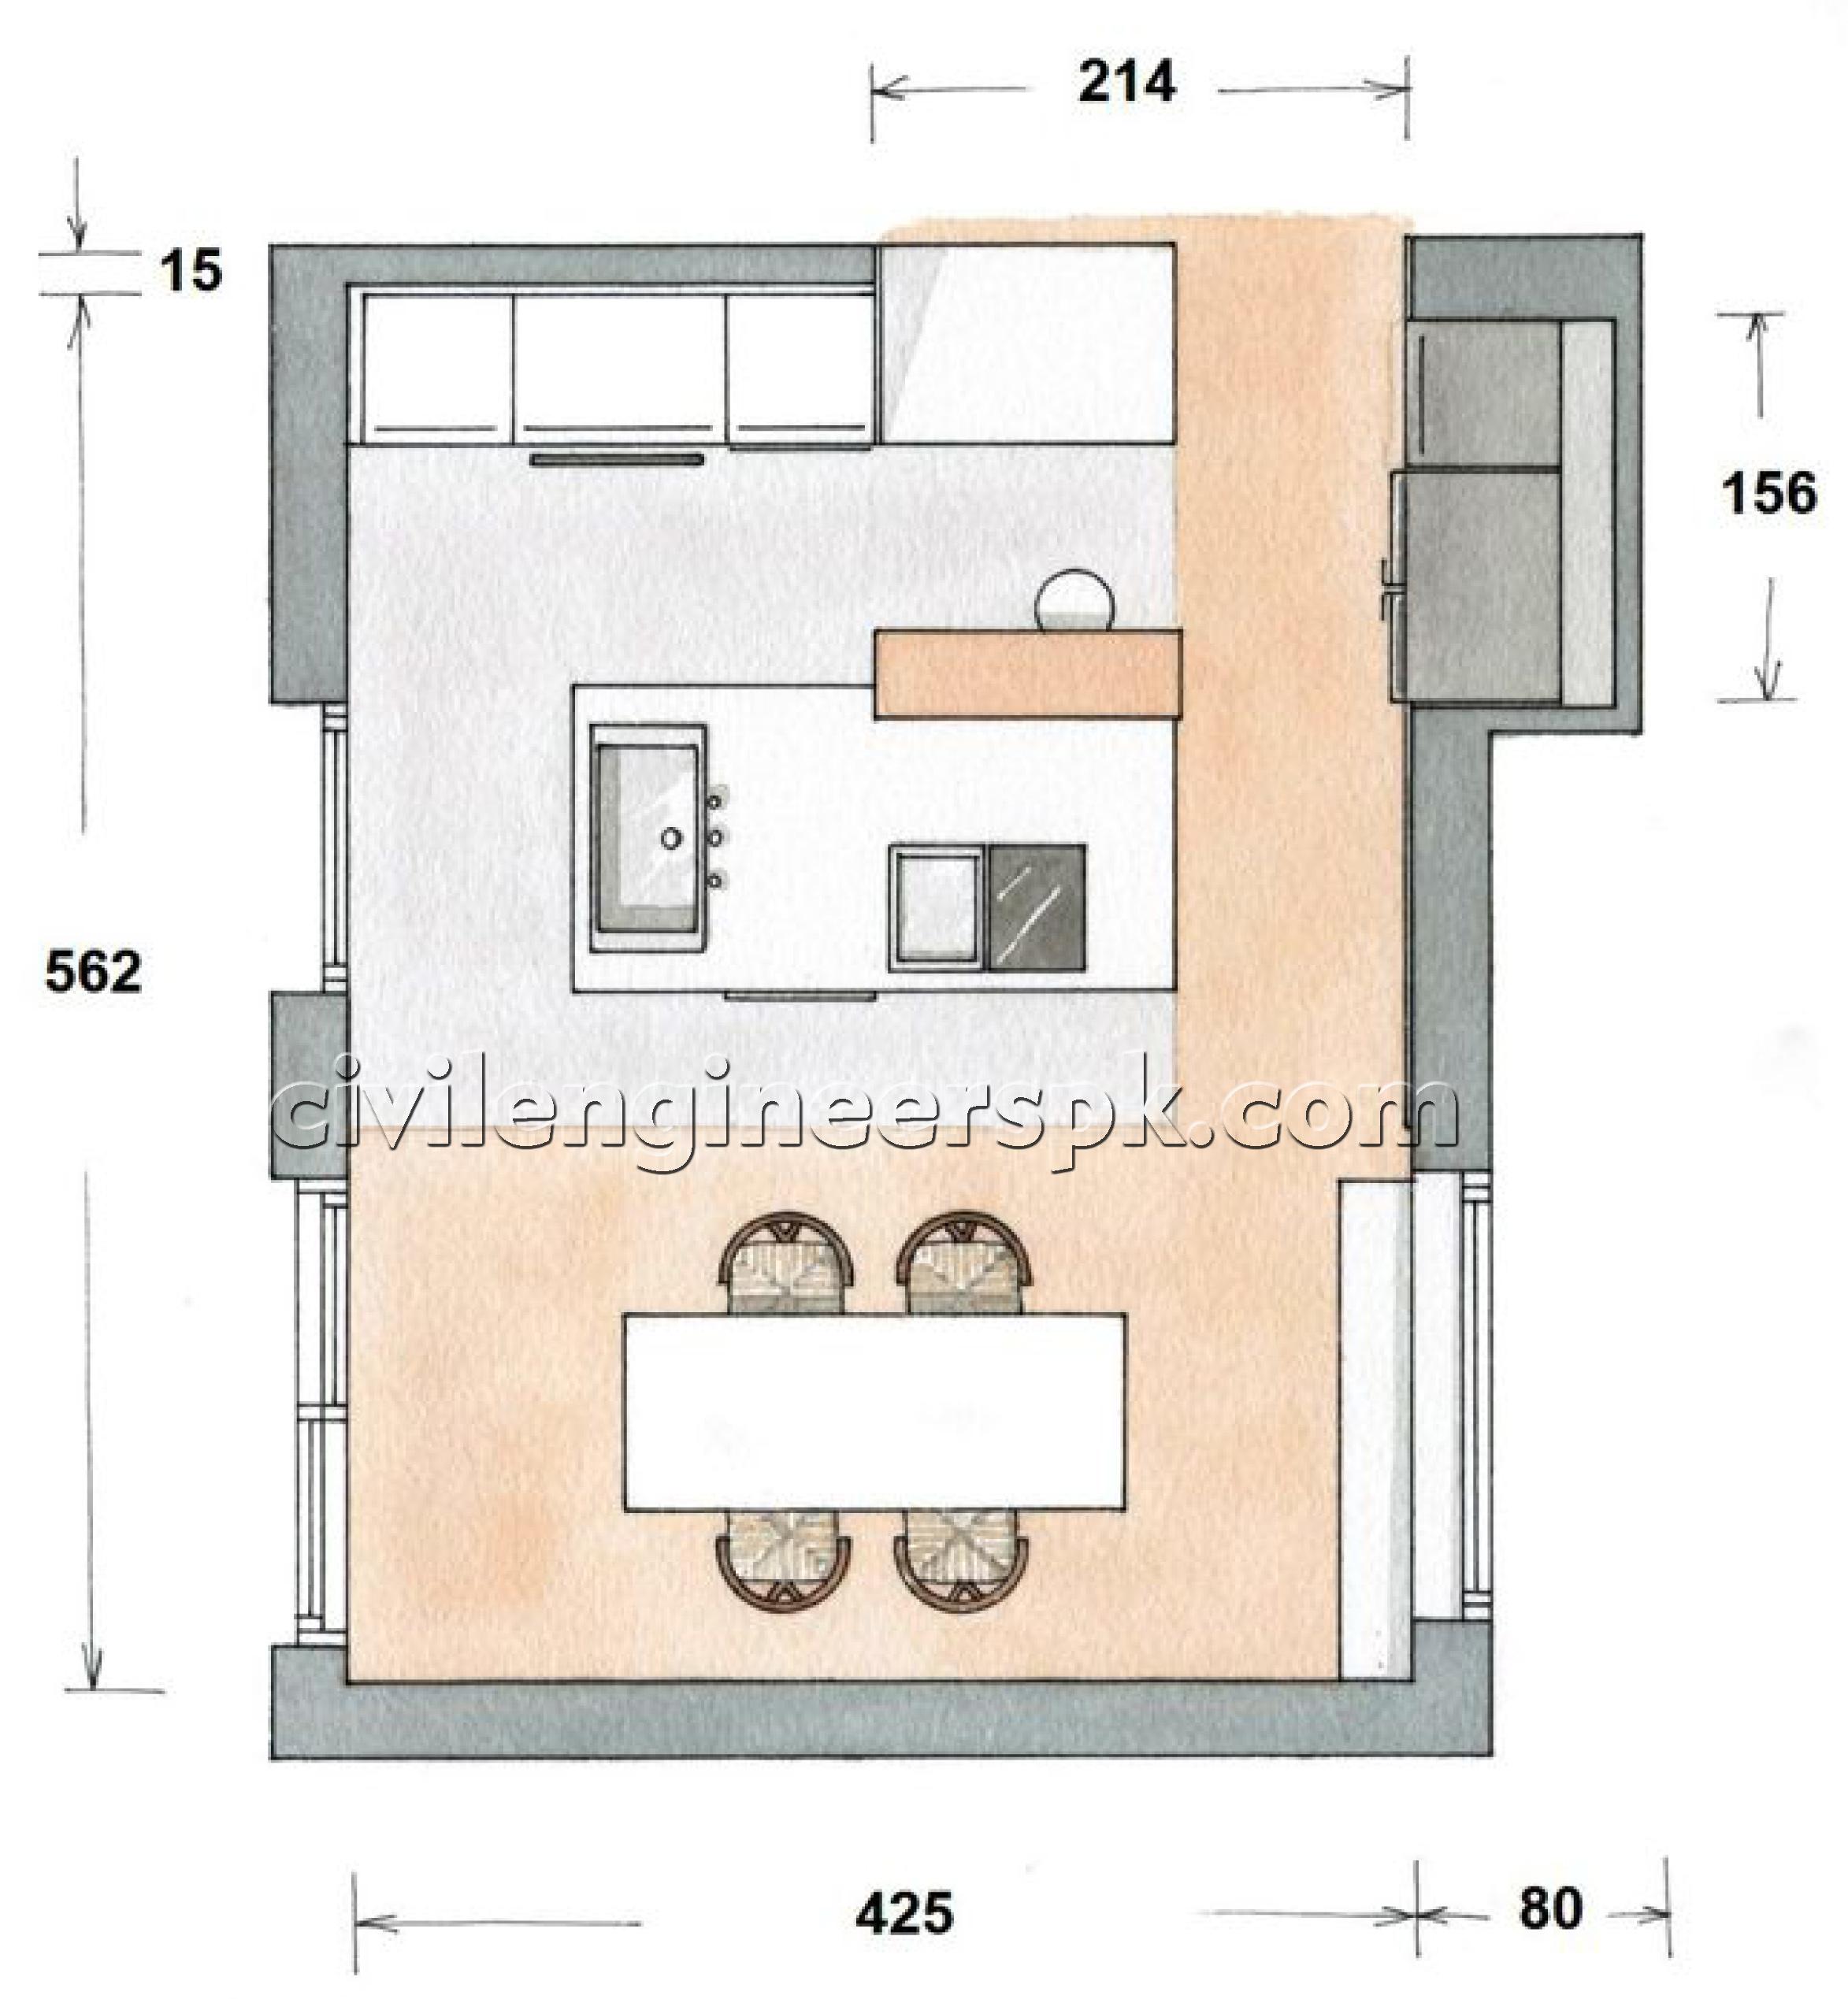 Kitchen designs 14 18 civil engineers pk for Civil kitchen designs